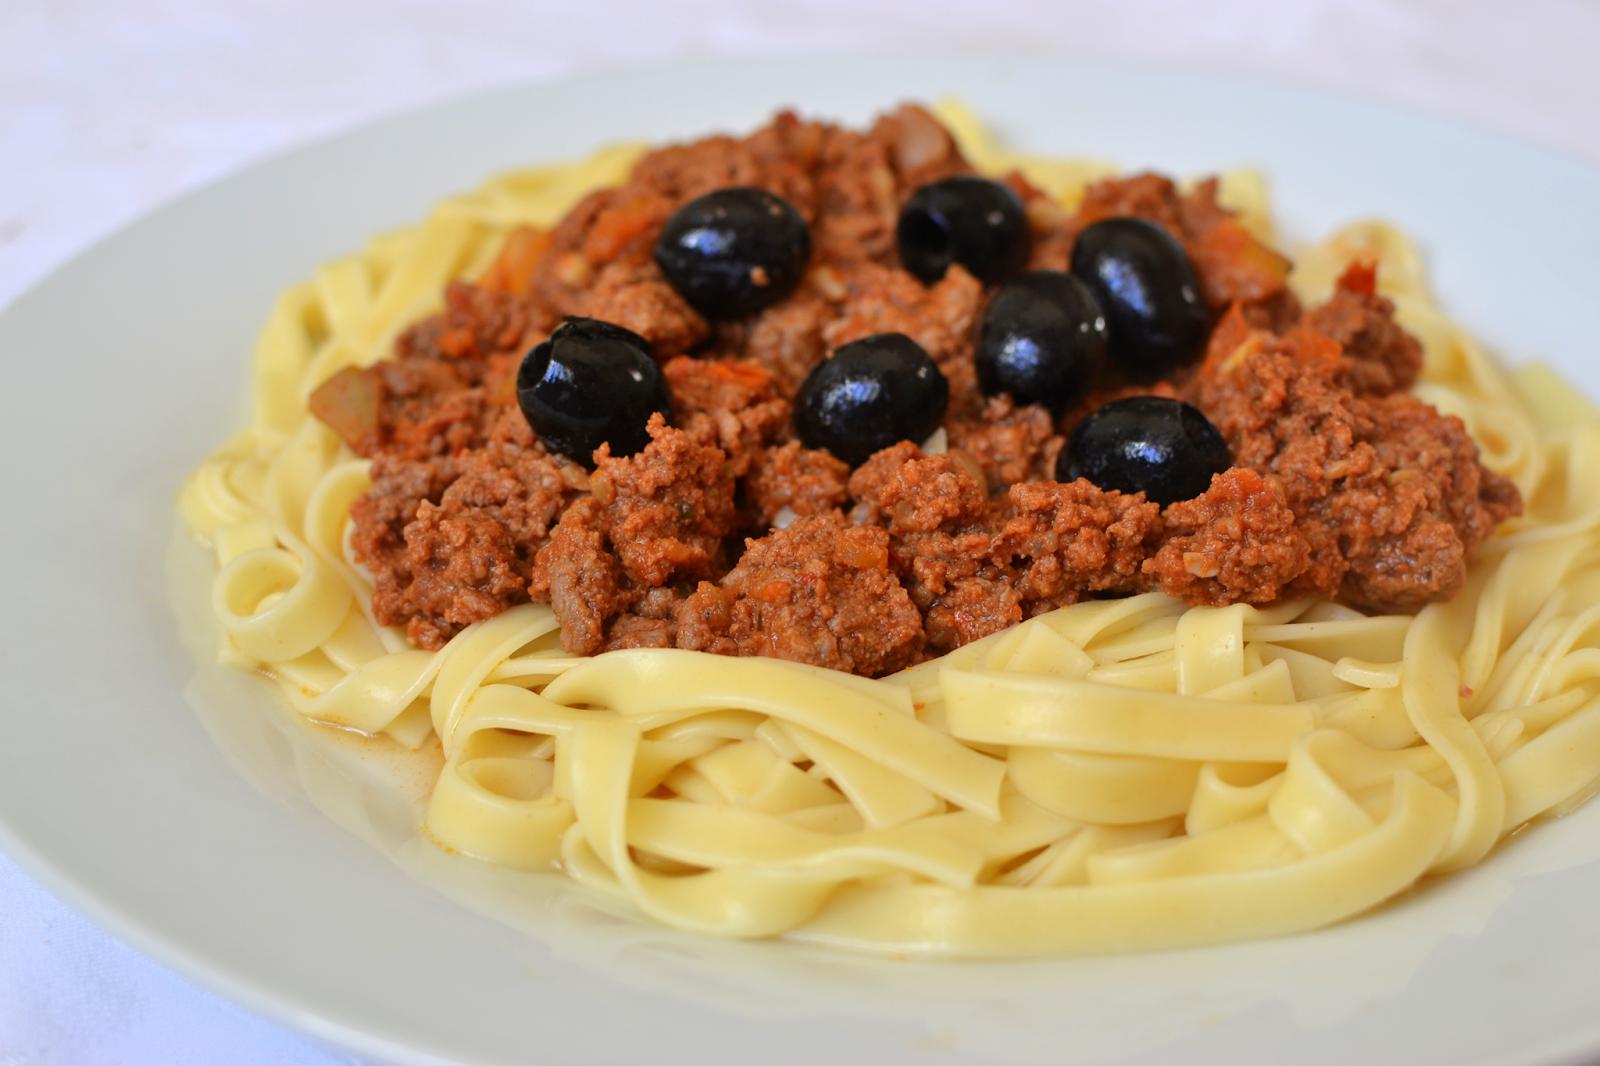 Palavras que enchem a barriga: Fettucine alla puttanesca (com carne)